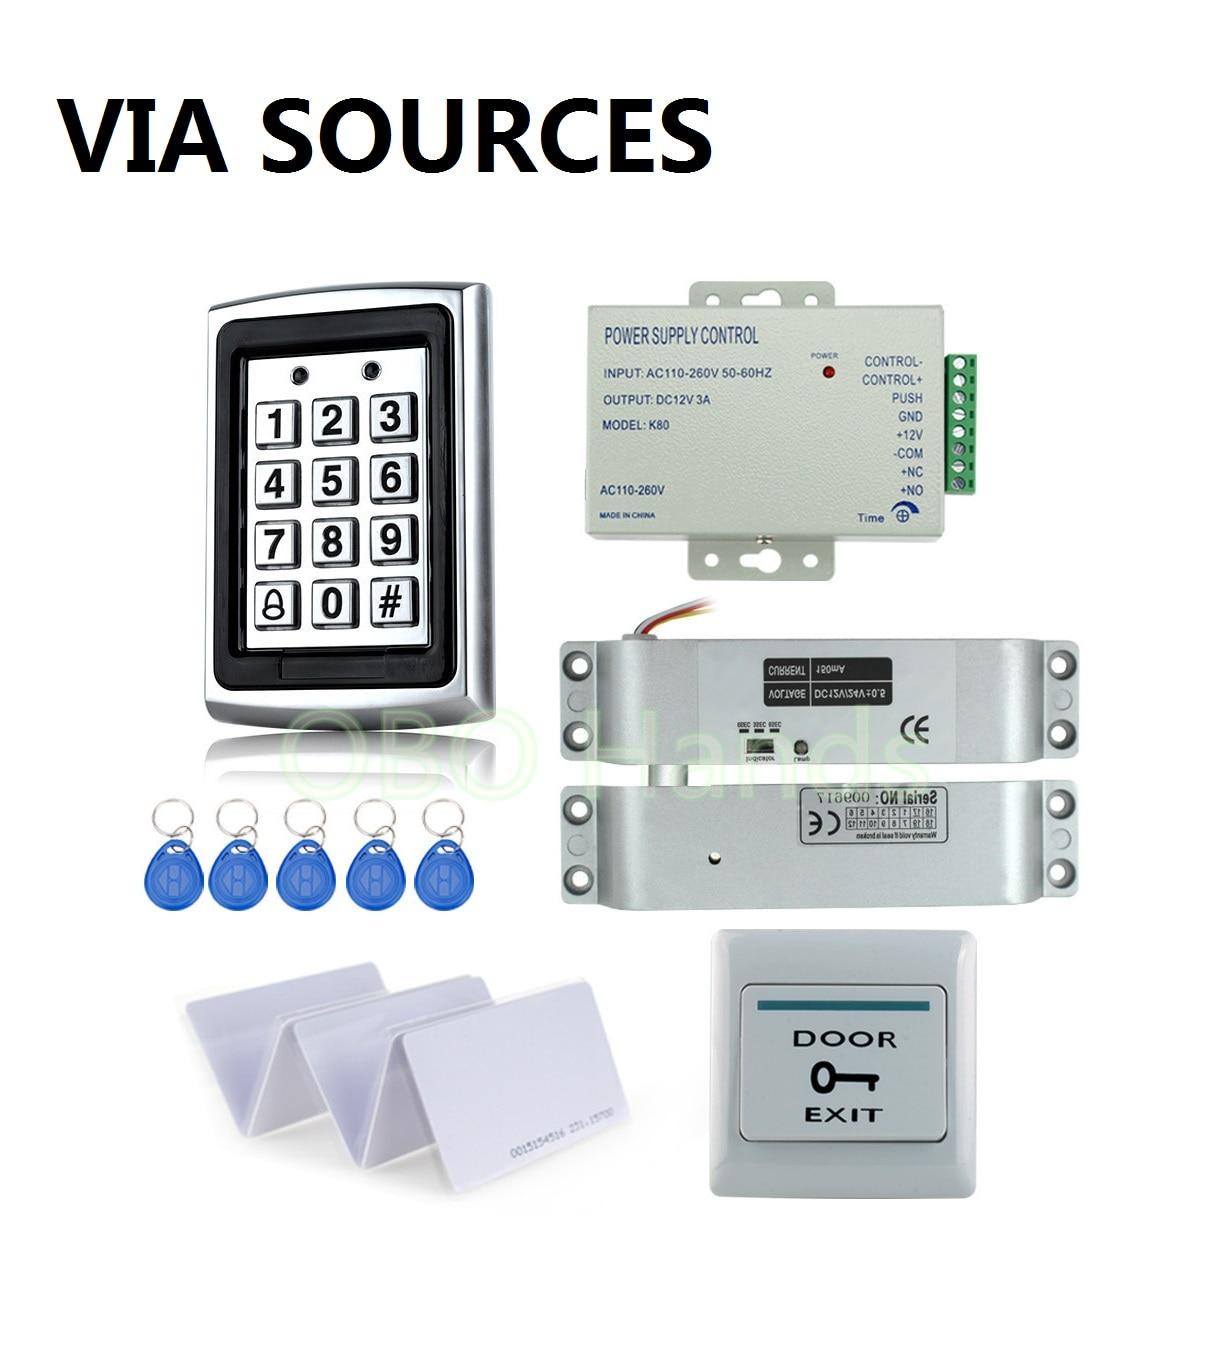 Livraison gratuite ensemble complet avec verrou électrique + clavier + alimentation + interrupteur de sortie + clés Kit de système de contrôle d'accès de porte